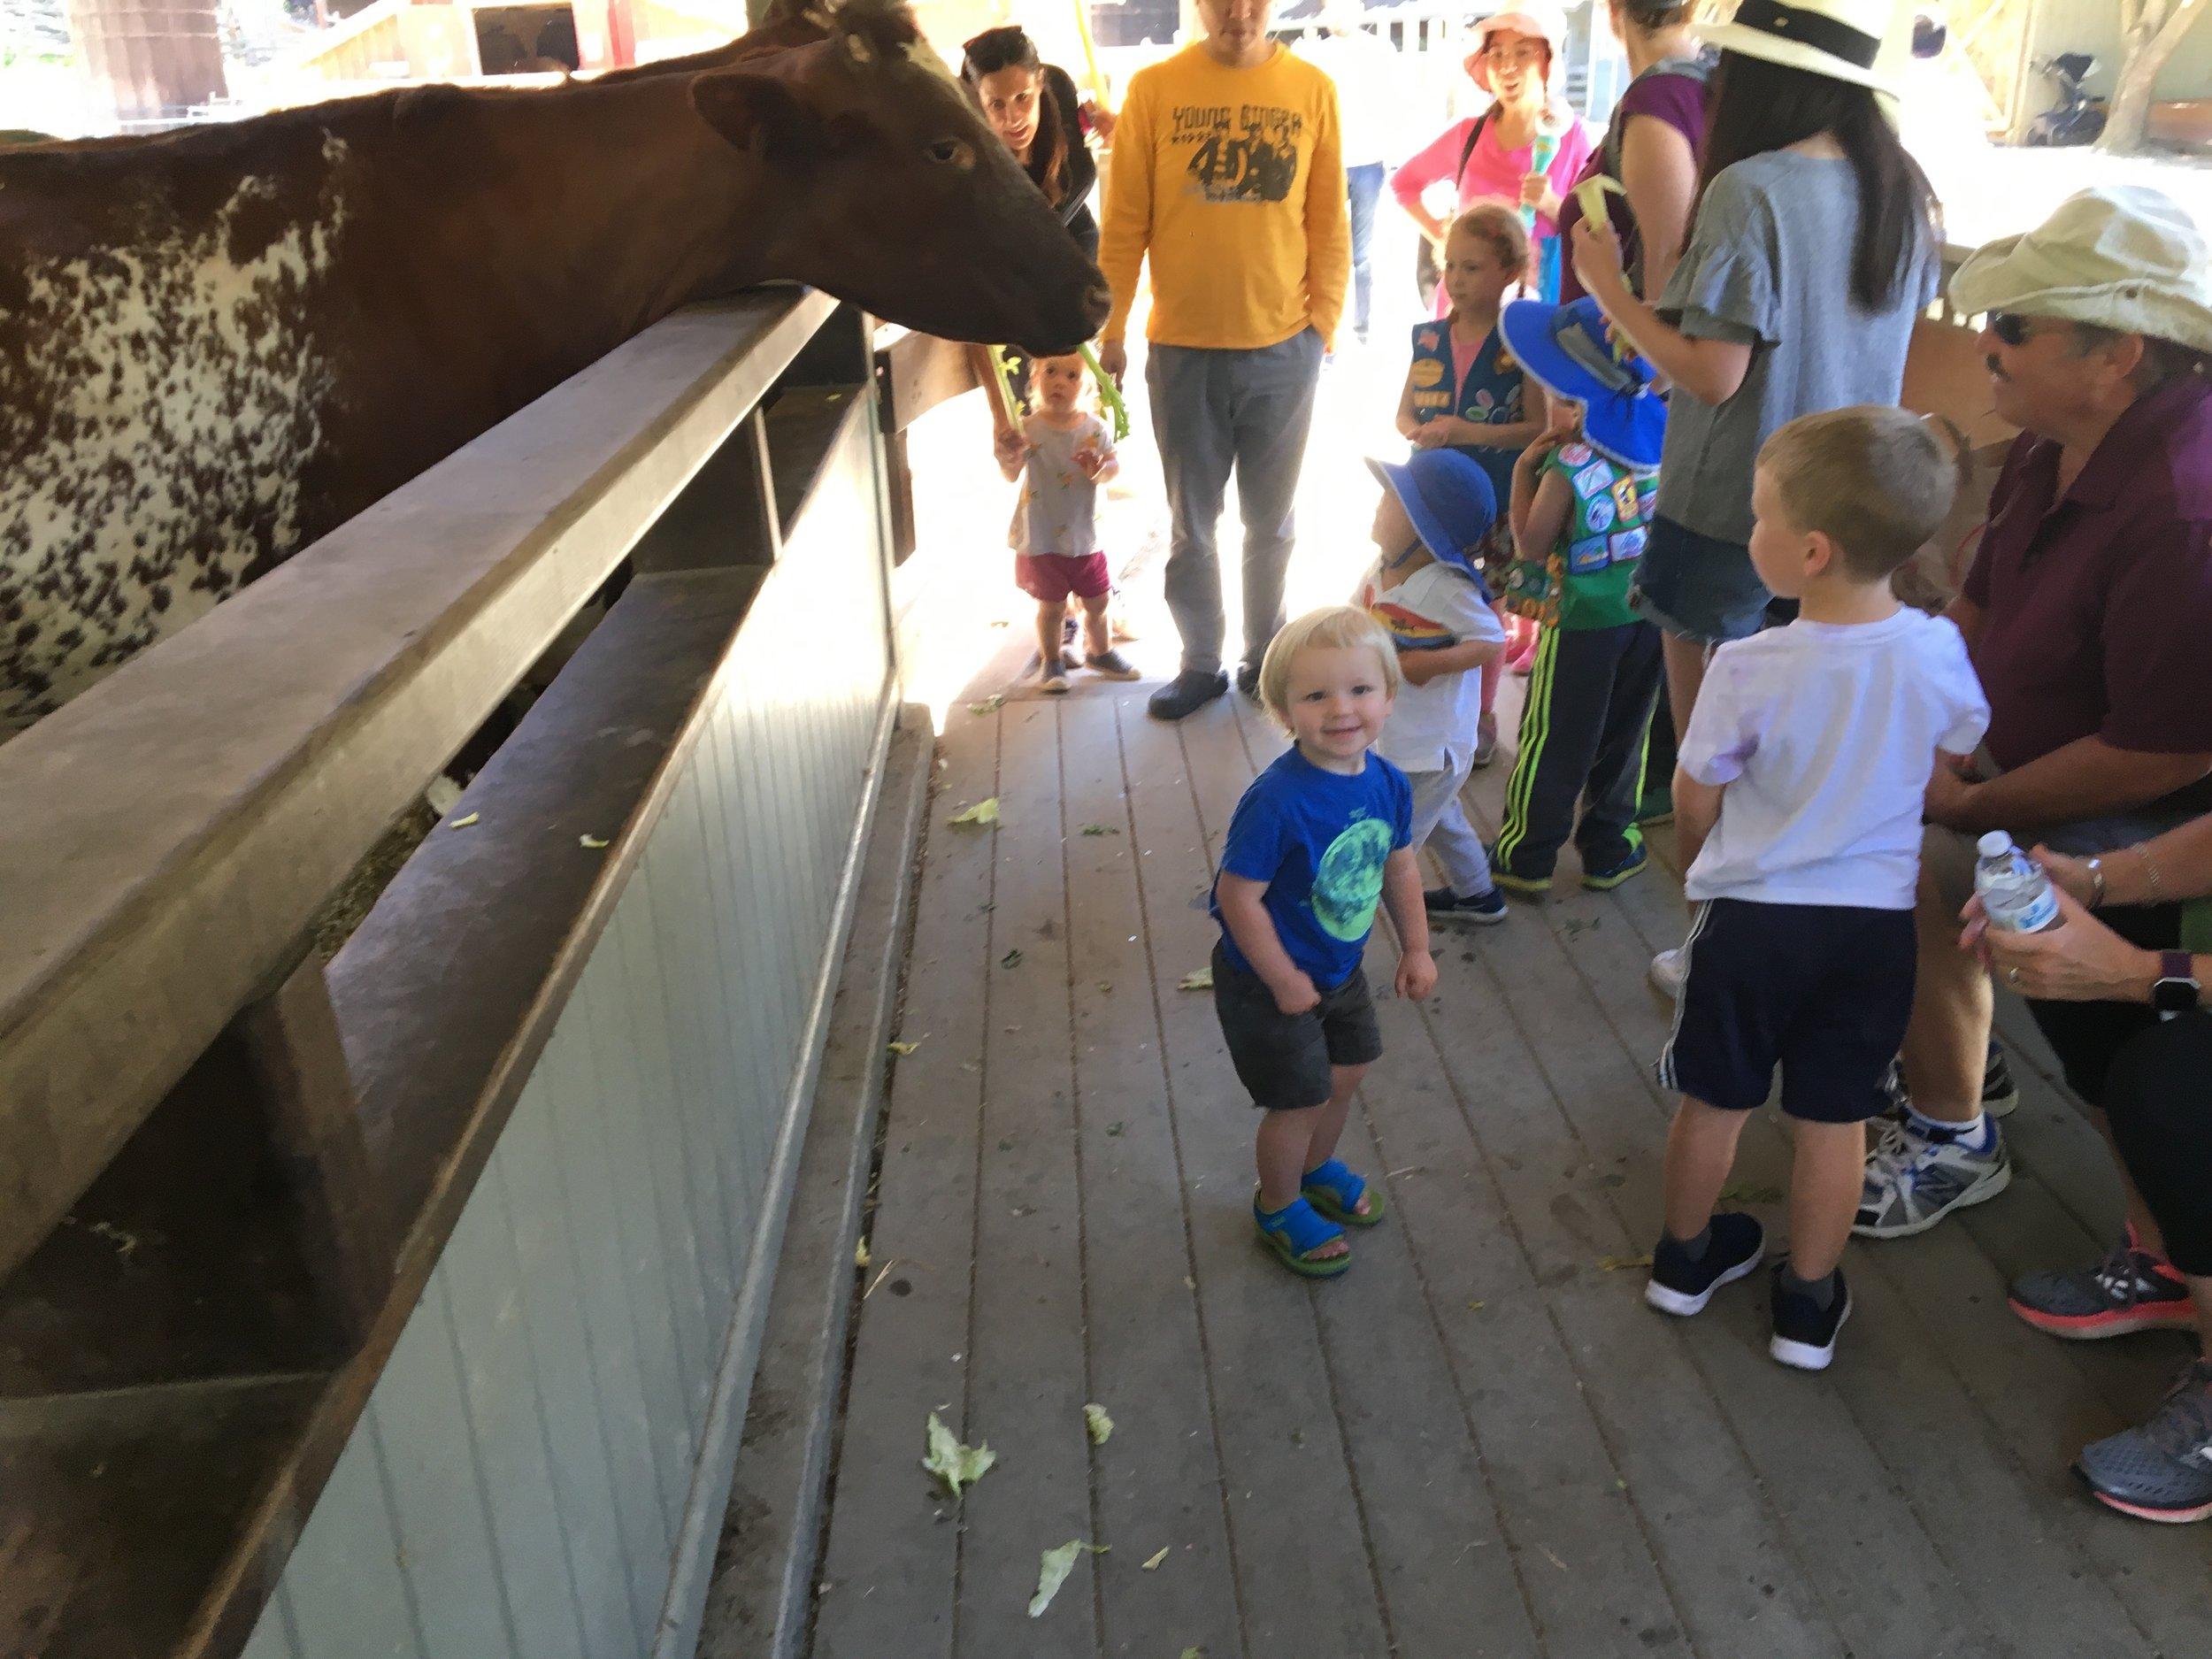 Feeding the cows at Tilden